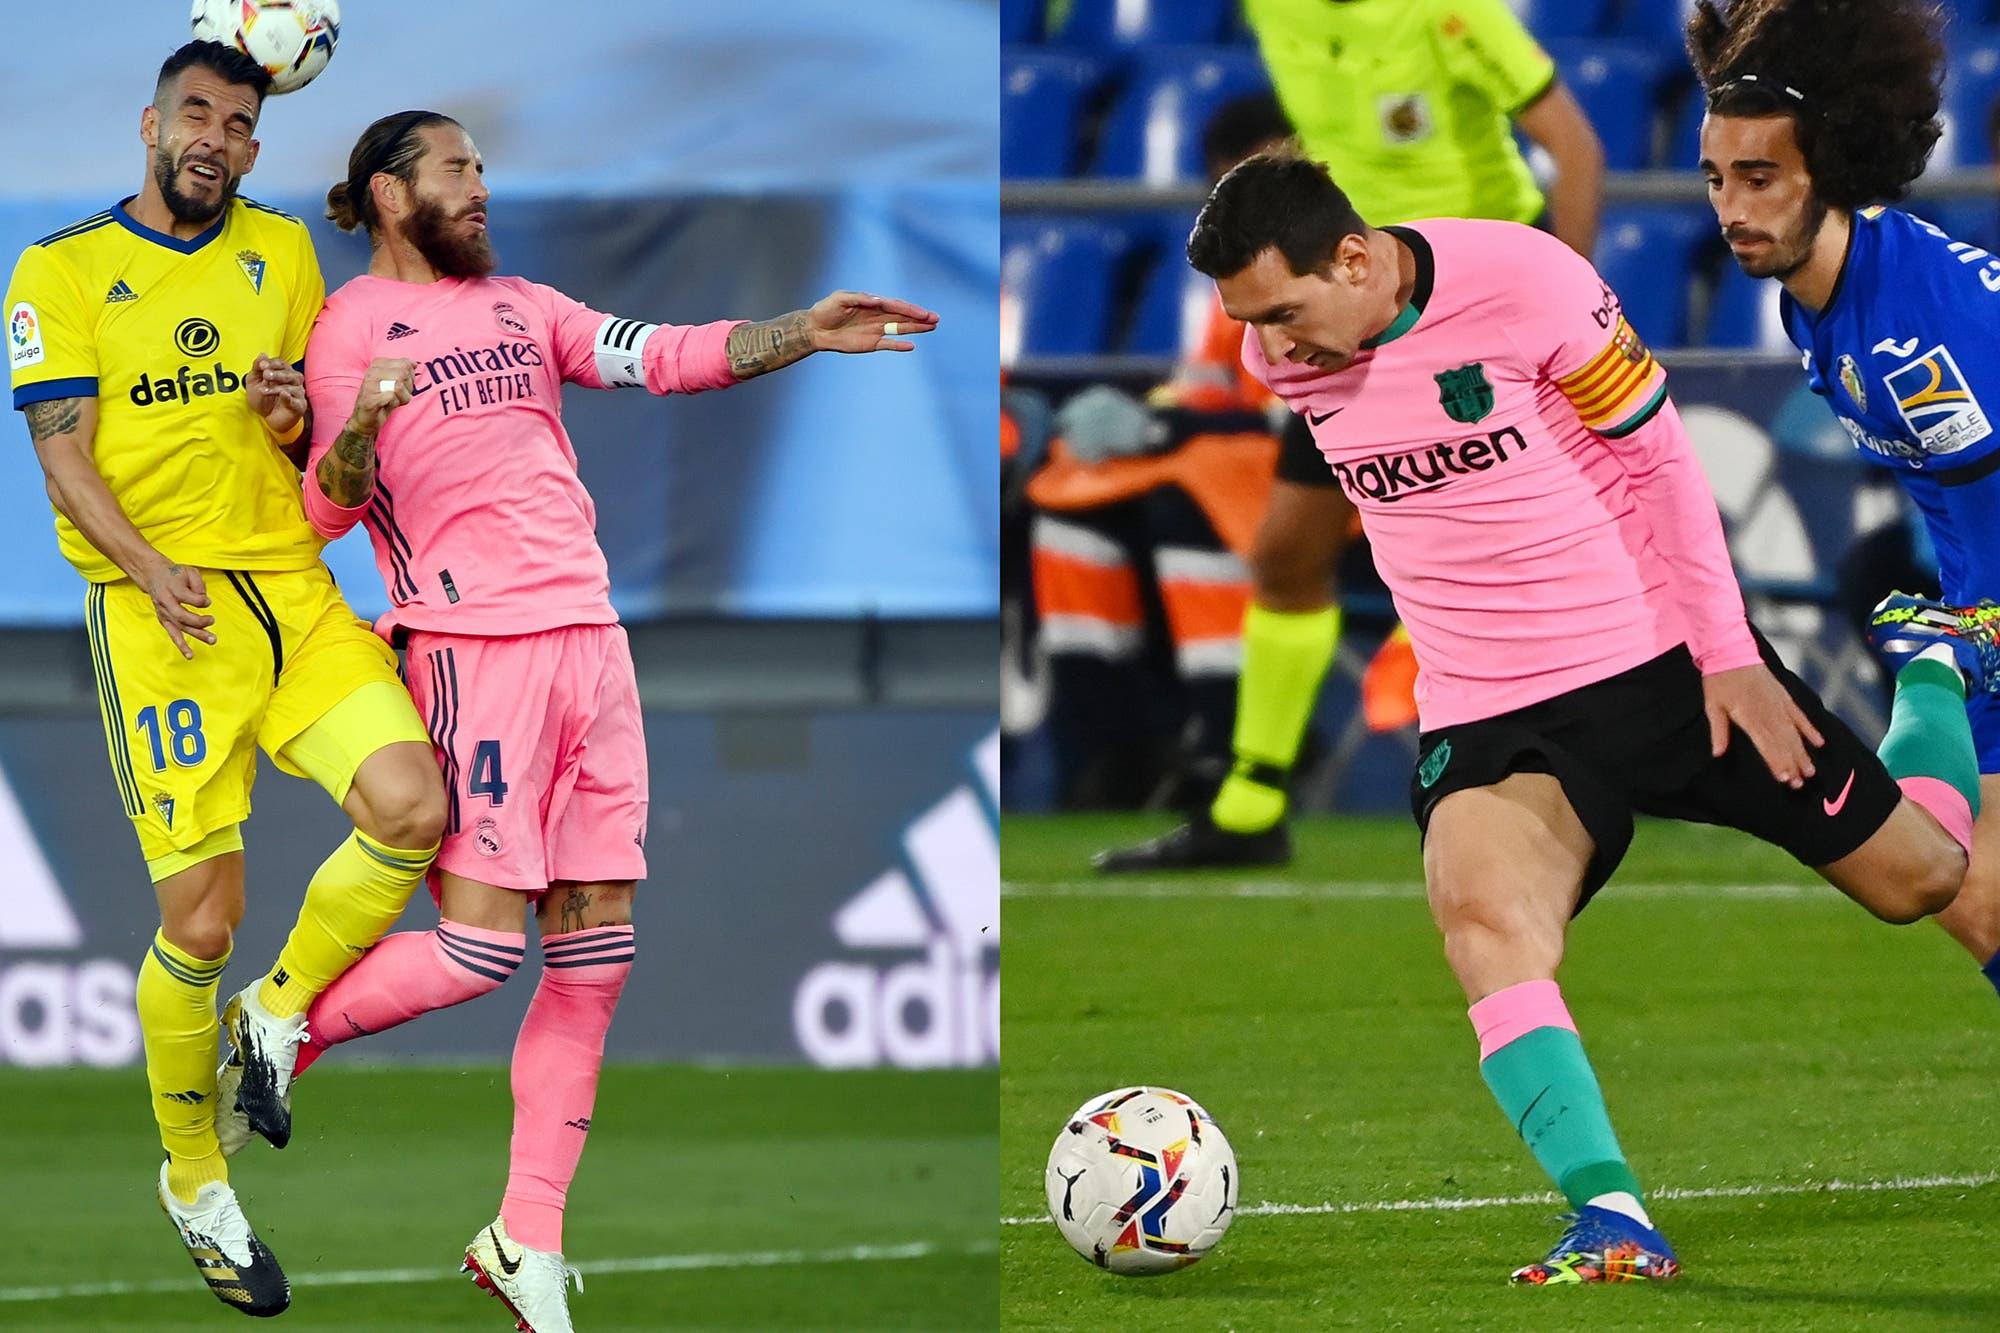 Real Madrid y Barcelona jugaron con camisetas rosas en la Liga de España y les pasó lo mismo que hace 20 años